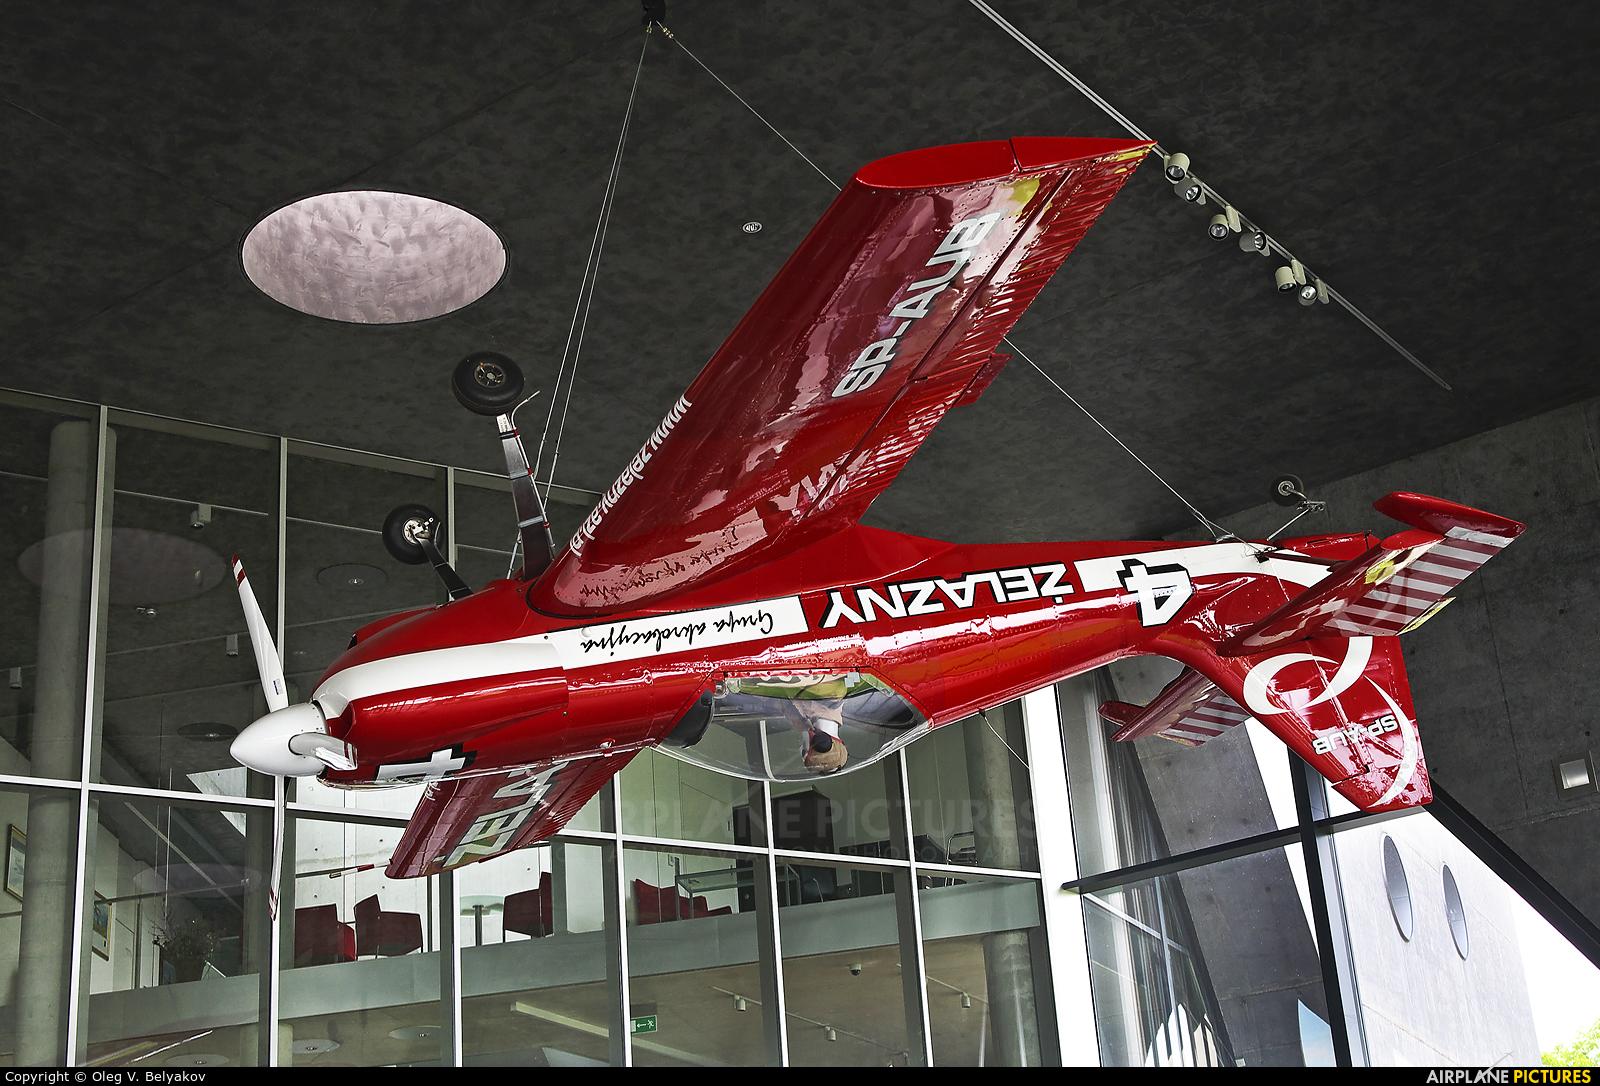 Grupa Akrobacyjna Żelazny - Acrobatic Group SP-AUB aircraft at Kraków, Rakowice Czyżyny - Museum of Polish Aviation